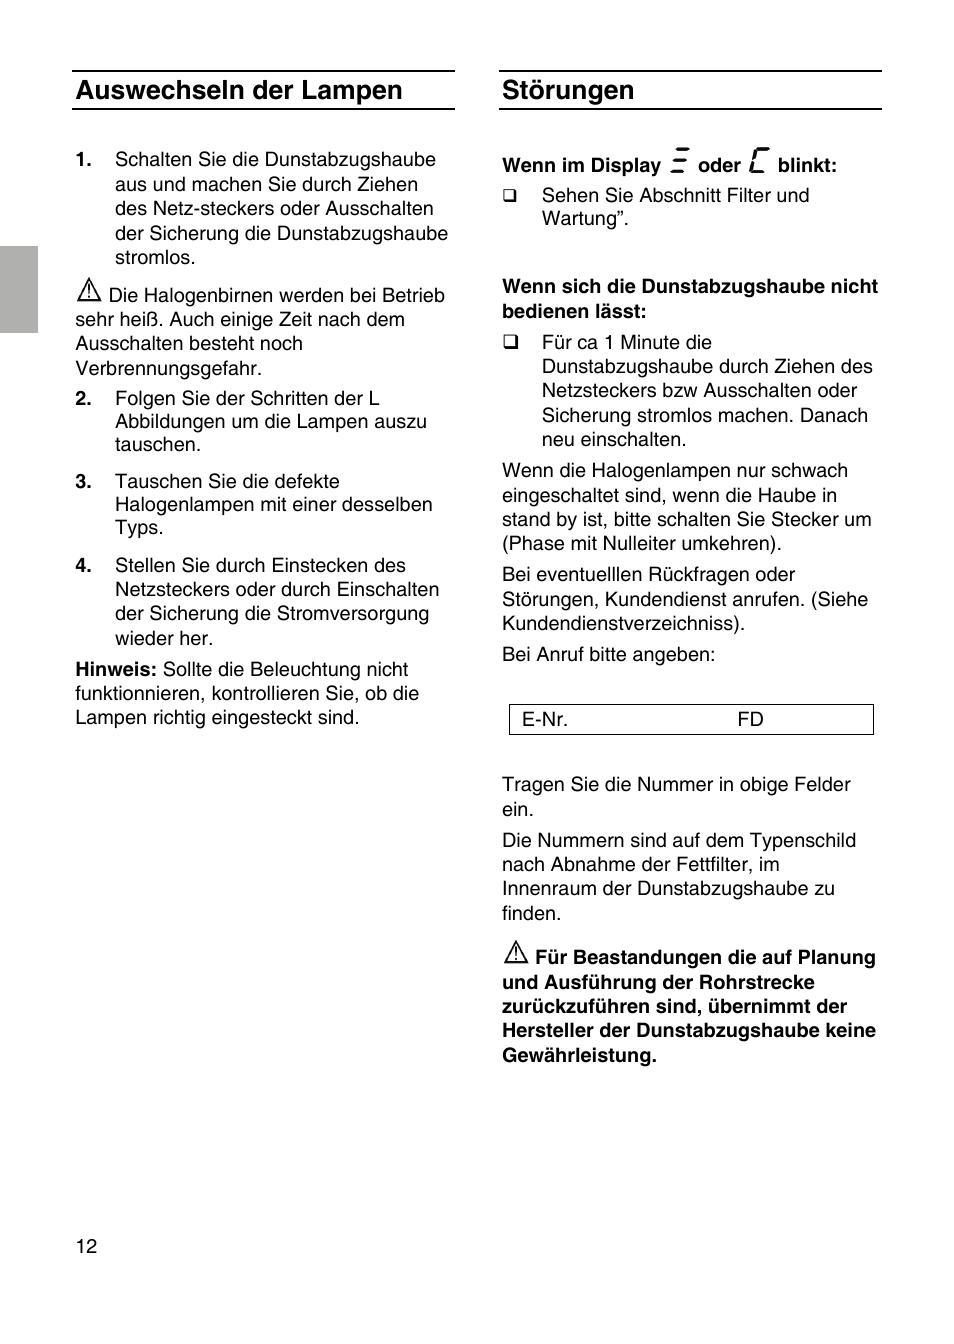 Neff Kuchengerate Schweiz Kuchengerate